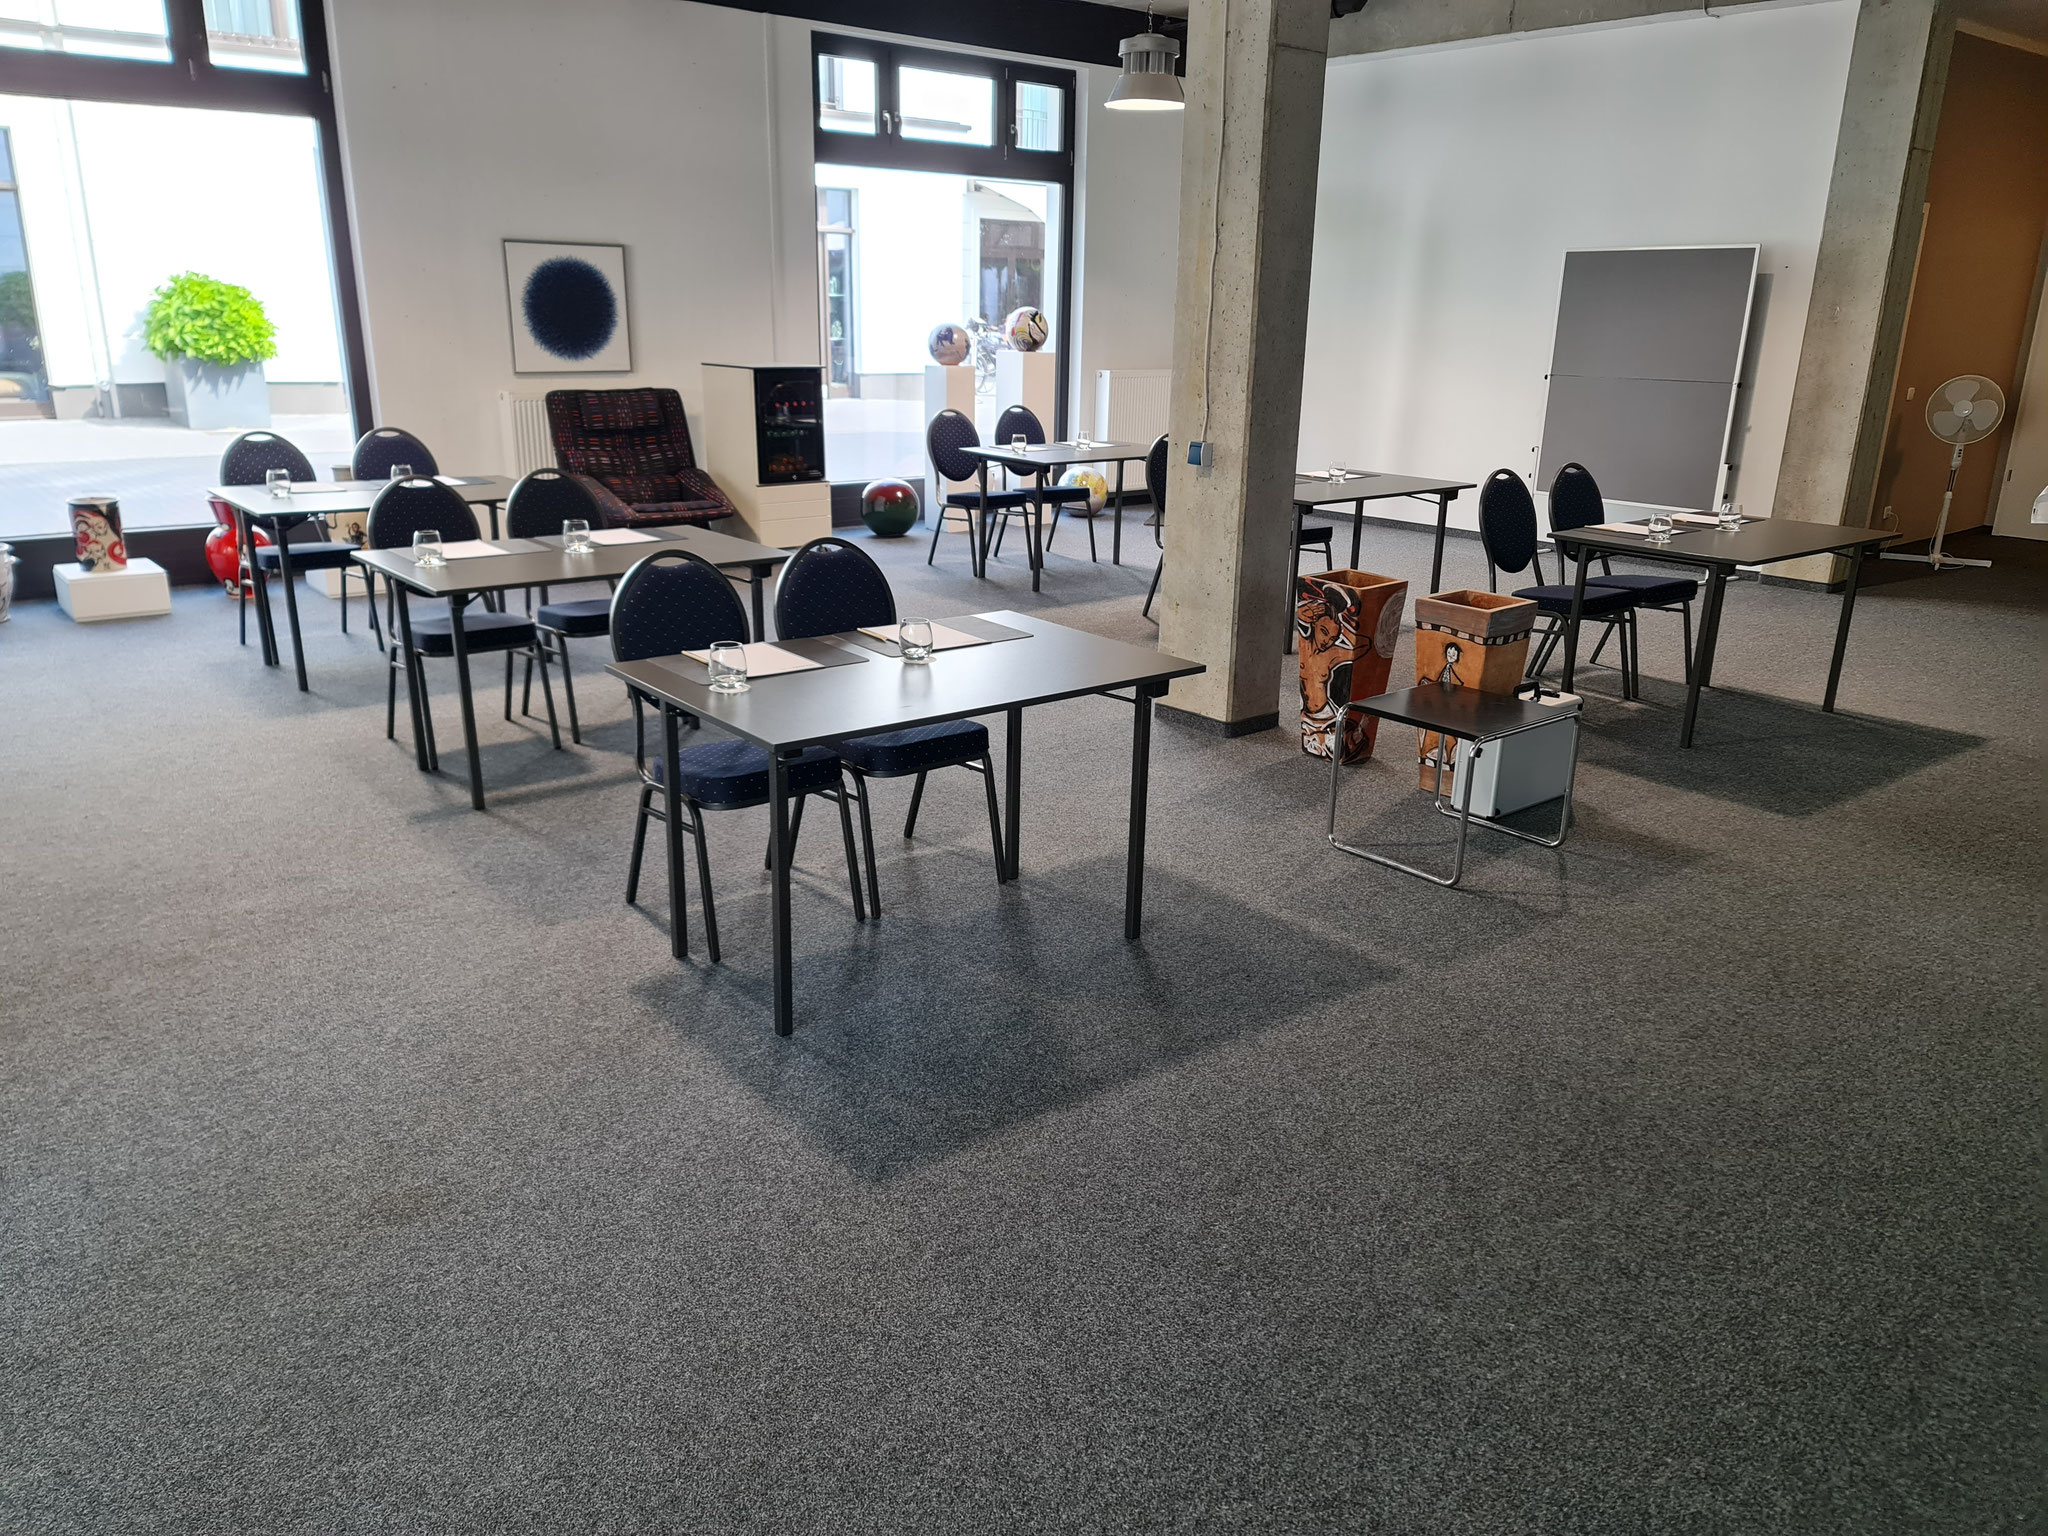 Tagung in der Galerie (Parlamentarisch)